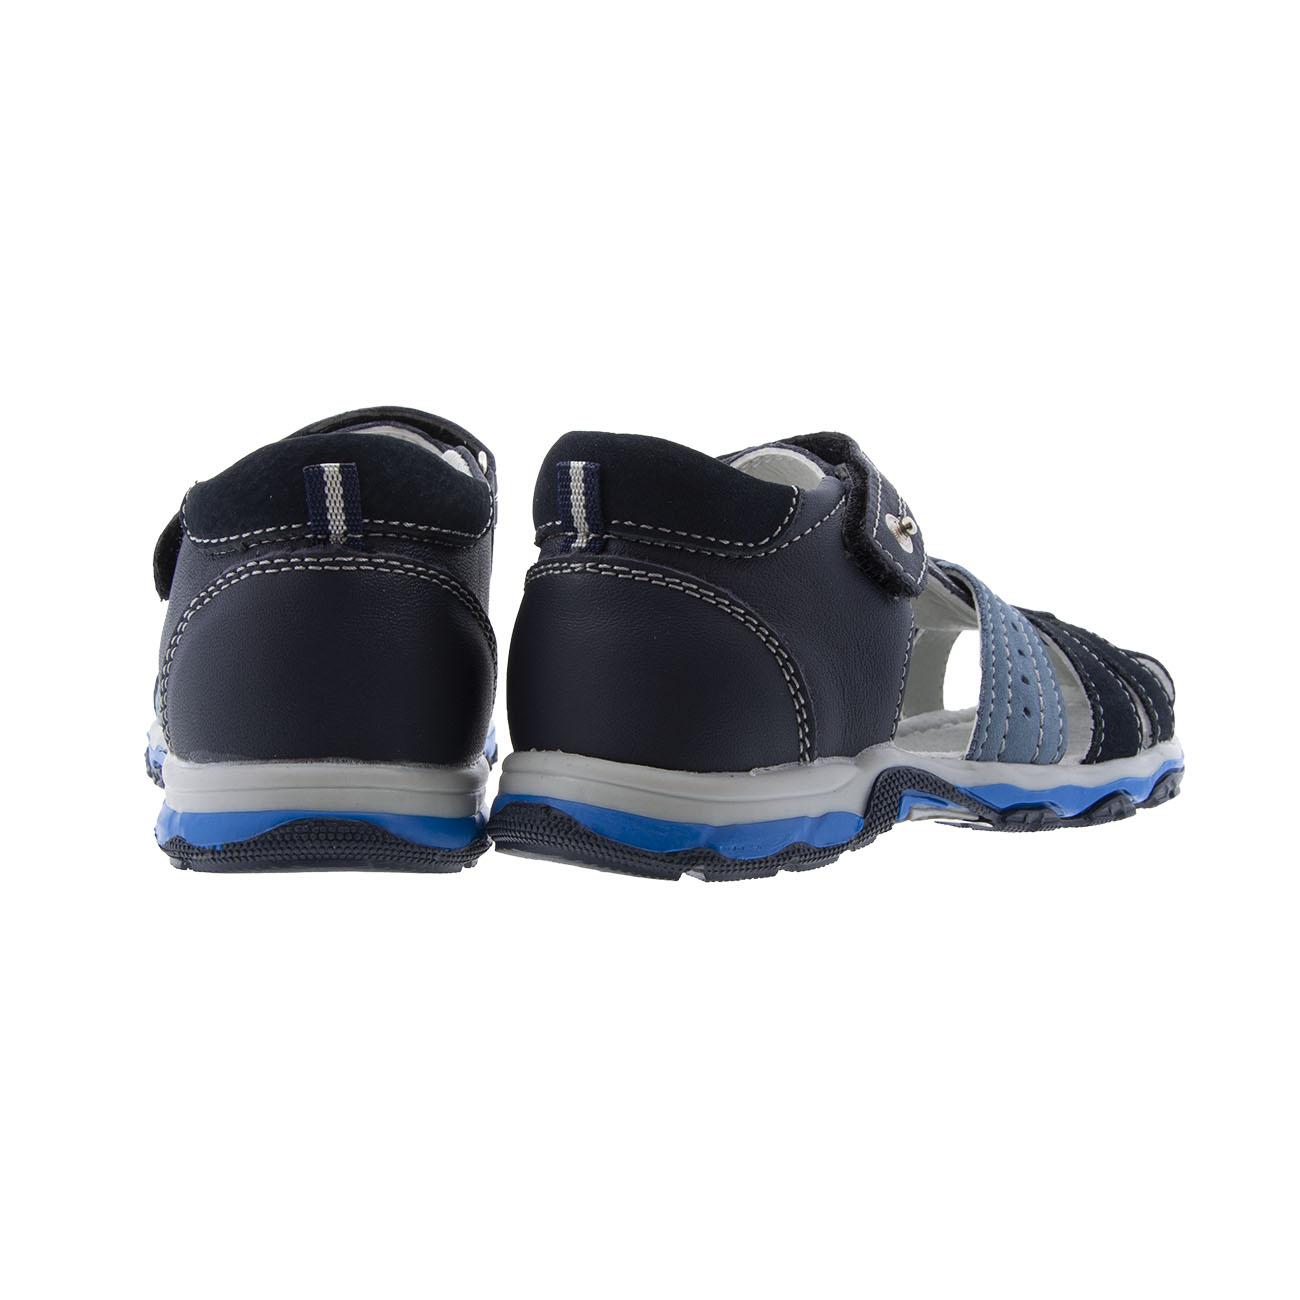 Αγόρι παπουτσοπέδιλο μπλέ IQ KIDS  LΙΝΟ-140